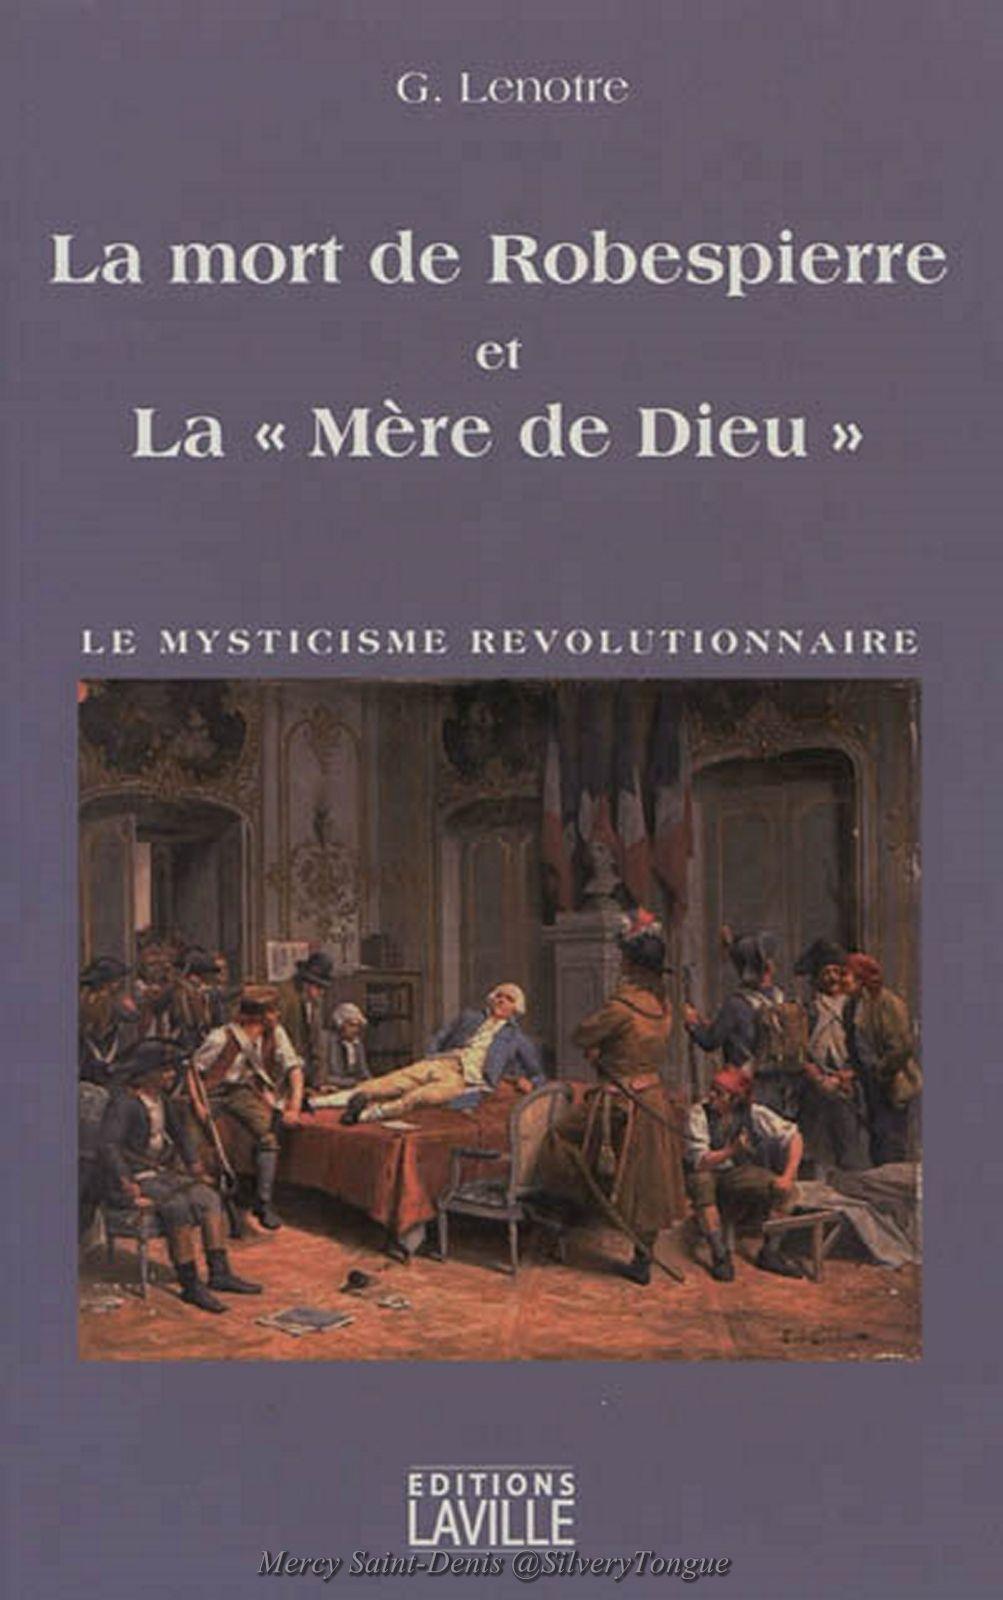 G. Lenotre. Editions Laville. La fête de l'Être suprême, imaginée par Robespierre est le point central du livre. A partir de là, et dans l'ambiance de l'époque, va s'élargir la toile dans laquelle Robespierre va se faire prendre et qui va le conduire à la mort. G. Lenotre est un auteur attentif à tous les détails et son livre rassemble une foule de témoins, qui ont existé, et avec qui le lecteur fait connaissance avant la tragédie et dont il apprend l'histoire après les événements.